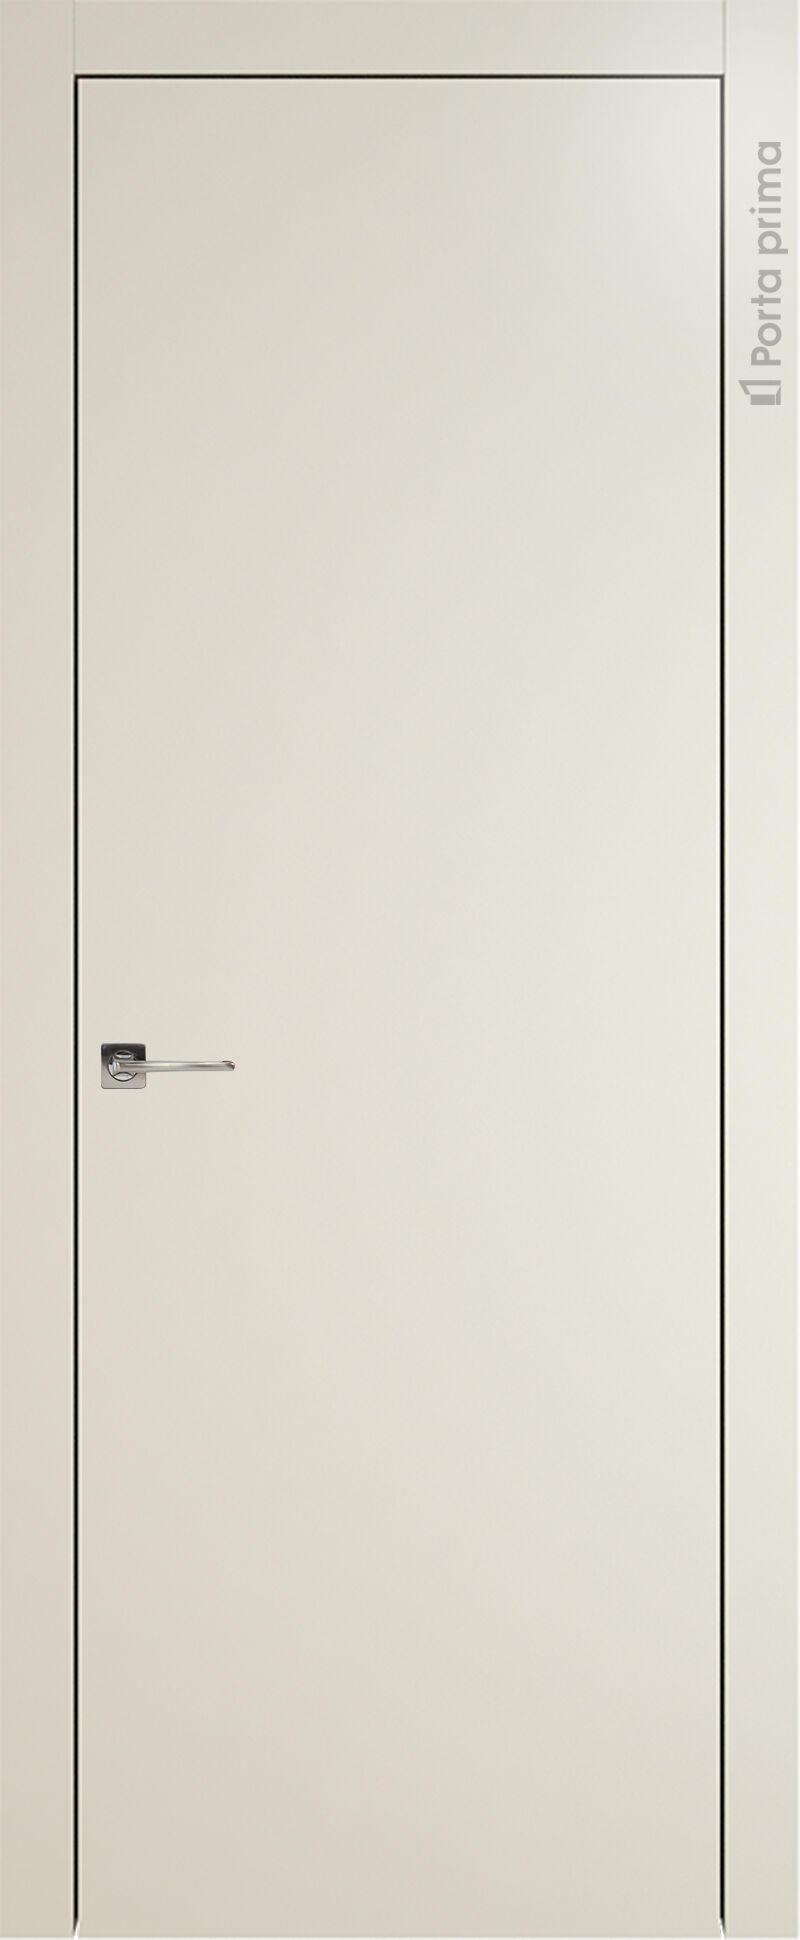 Tivoli А-5 цвет - Жемчужная эмаль (RAL 1013) Без стекла (ДГ)